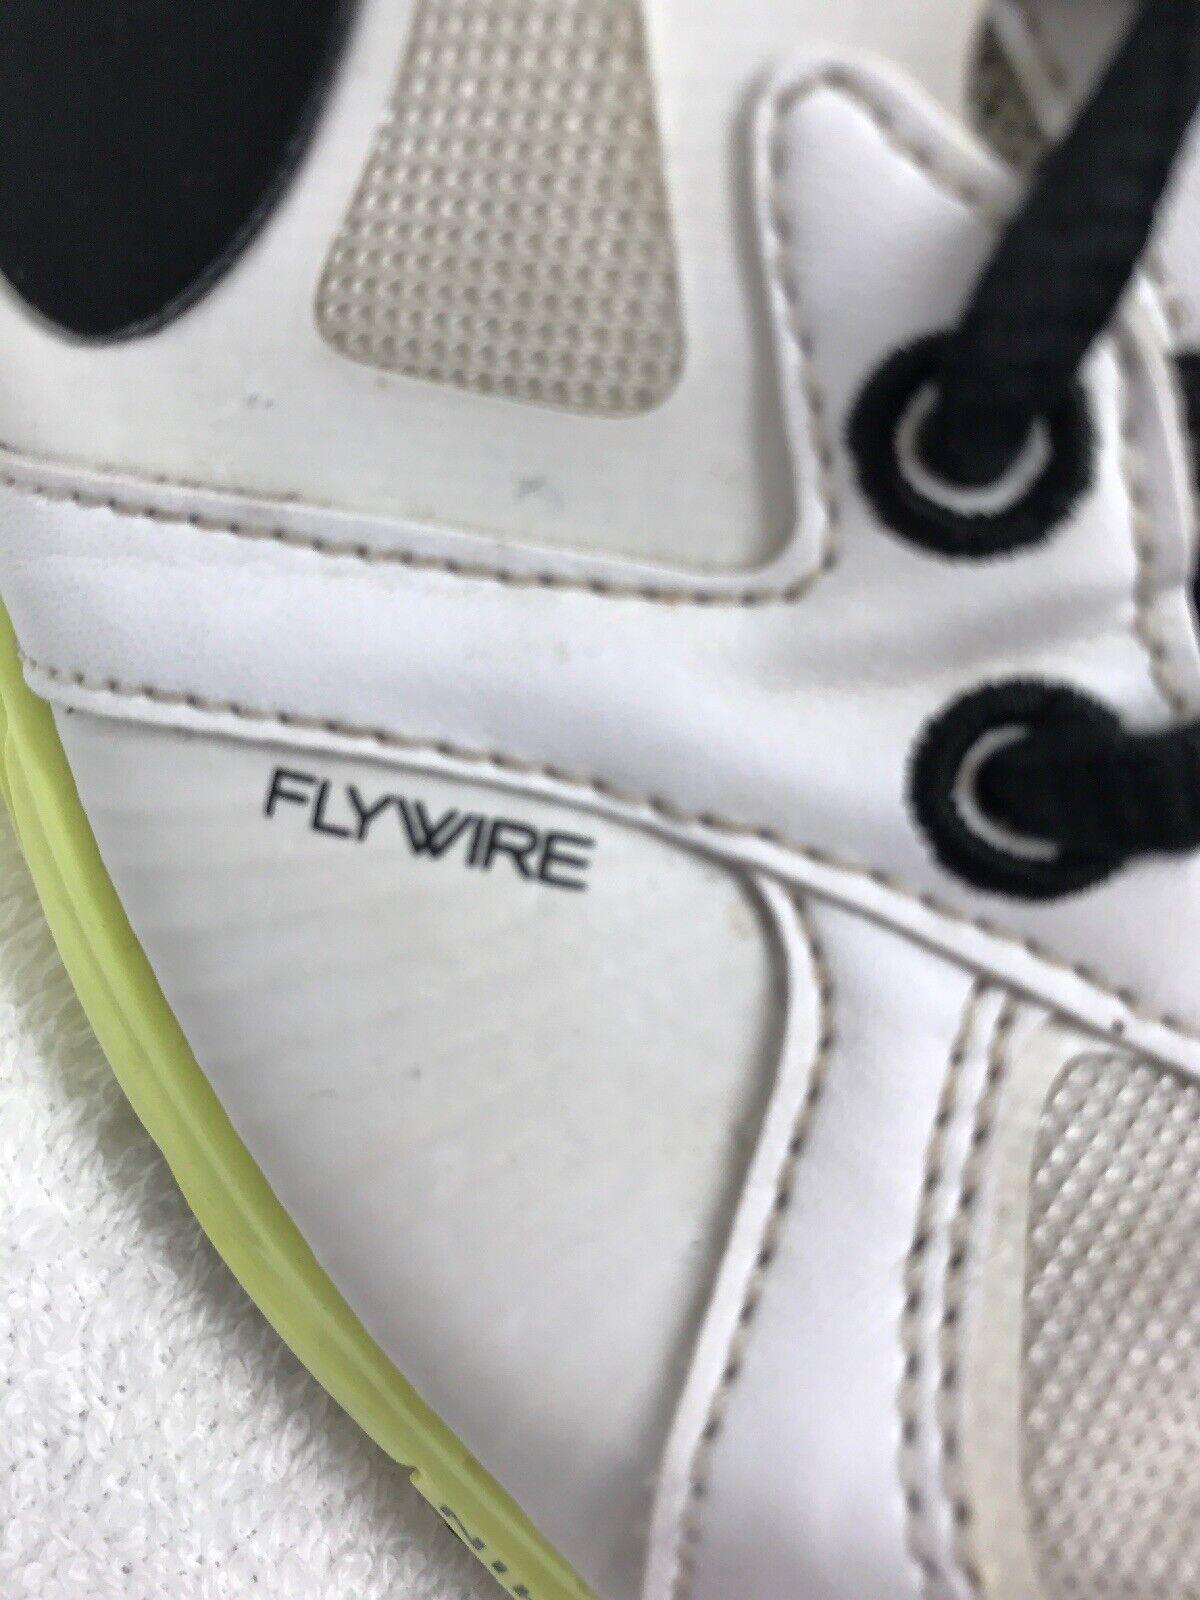 nike libera xt presto in forma forma forma flywire donne bianche correndo scorpe 7 | Fine Anno Vendita Speciale  | Qualità e quantità garantite  | scarseggia  | Uomini/Donna Scarpa  c65fac